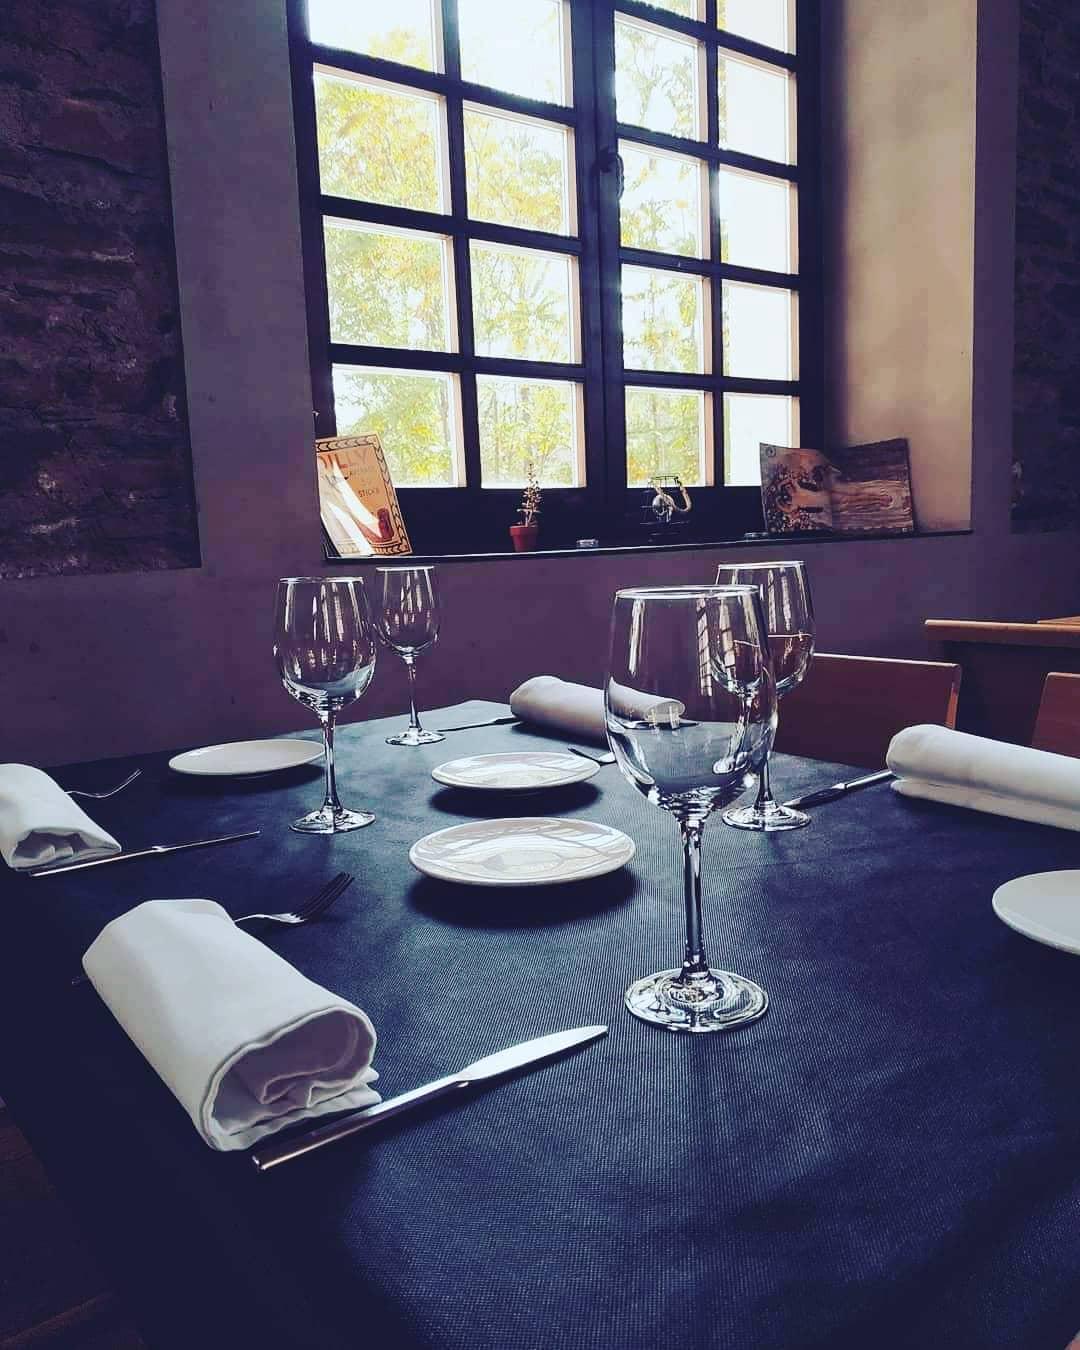 Las Jornadas Gastronómicas de El Bierzo se retoman de manera dispar entre los participantes 2